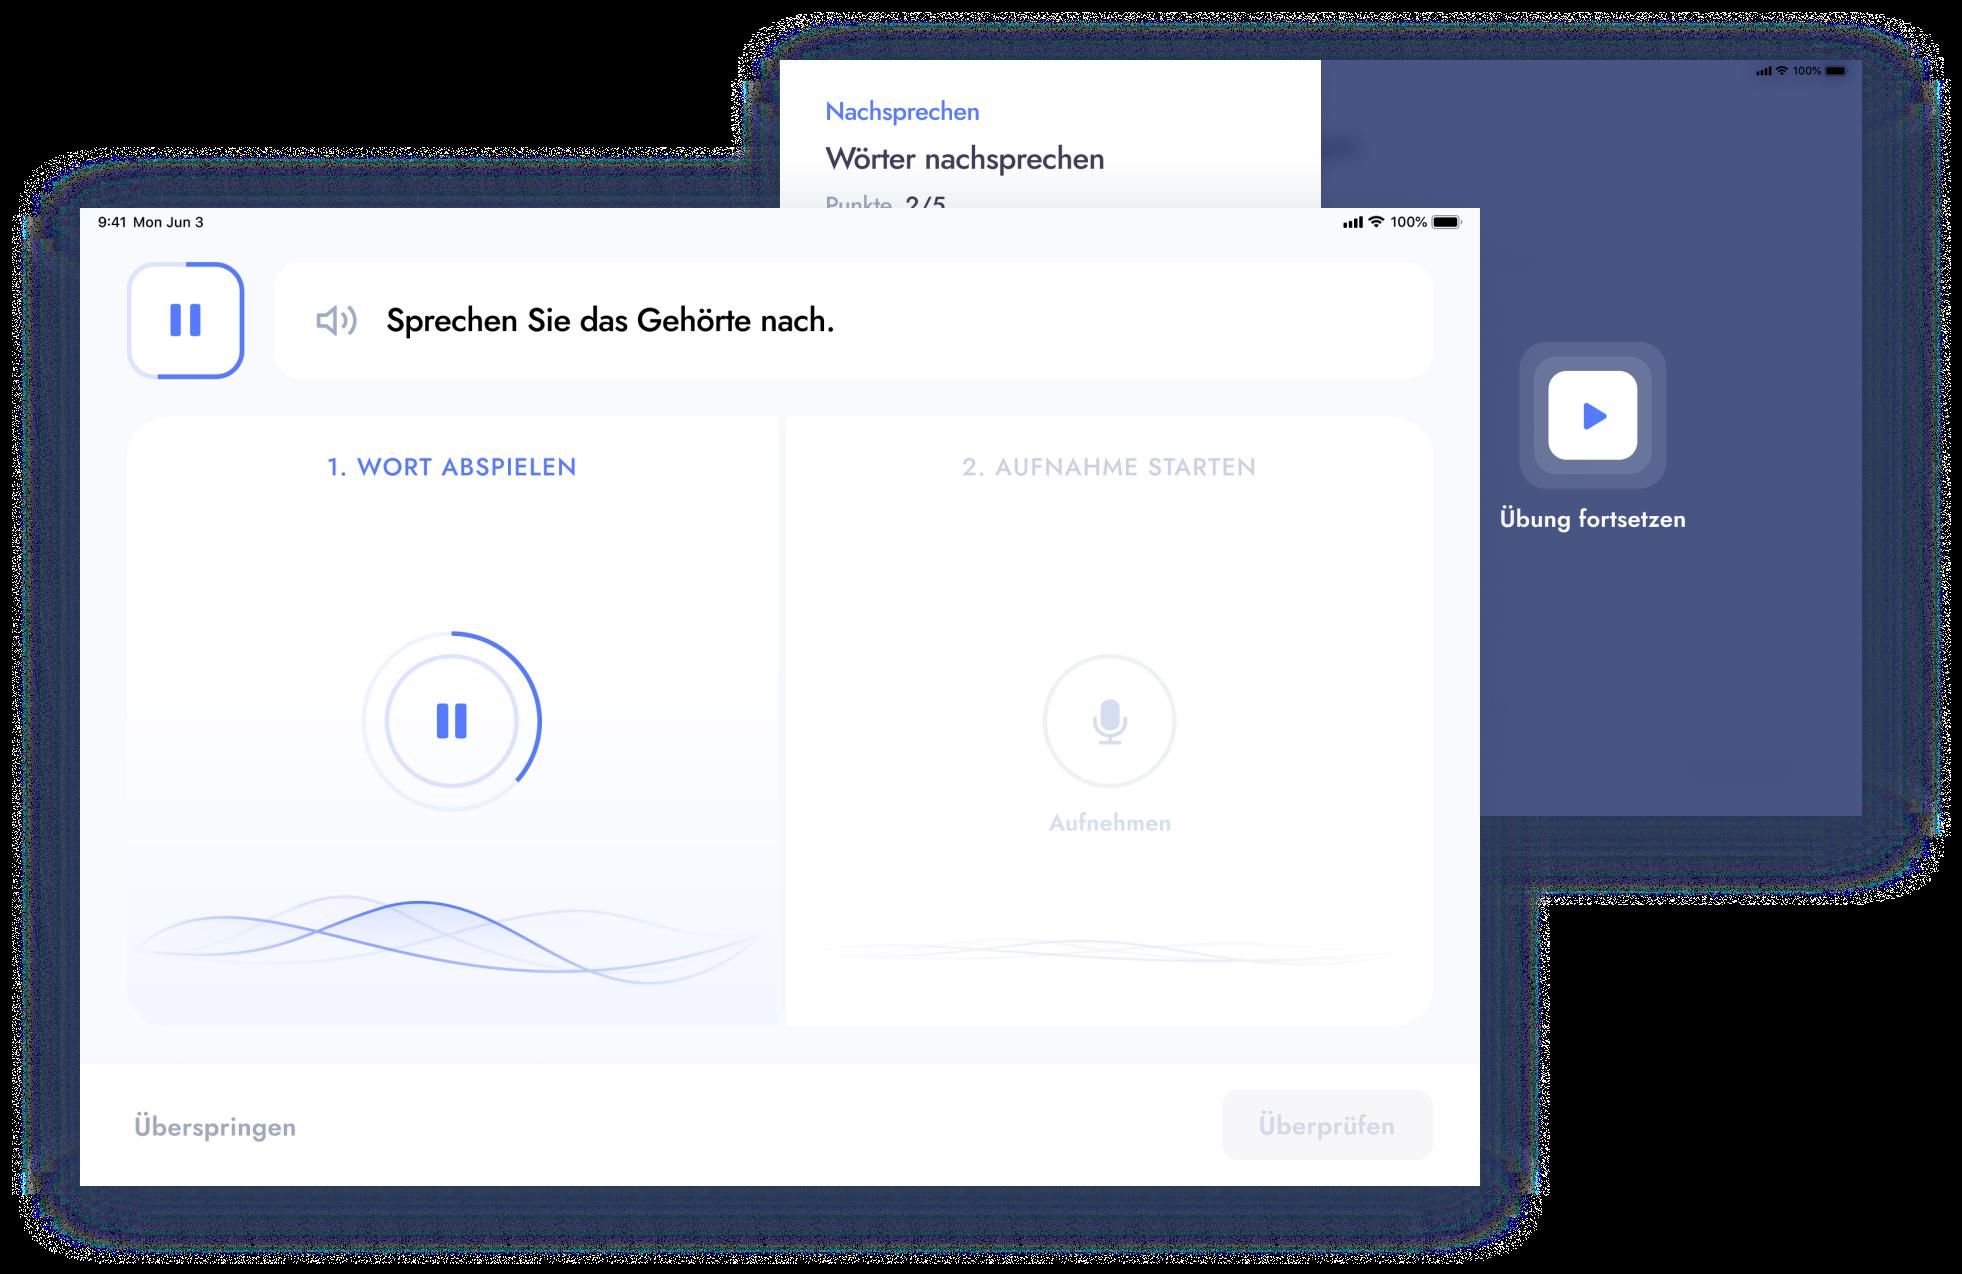 Eine Gruppe von Bildern, die die Benutzeroberfläche von Sprachübungen aus der myReha Mobile App zeigen